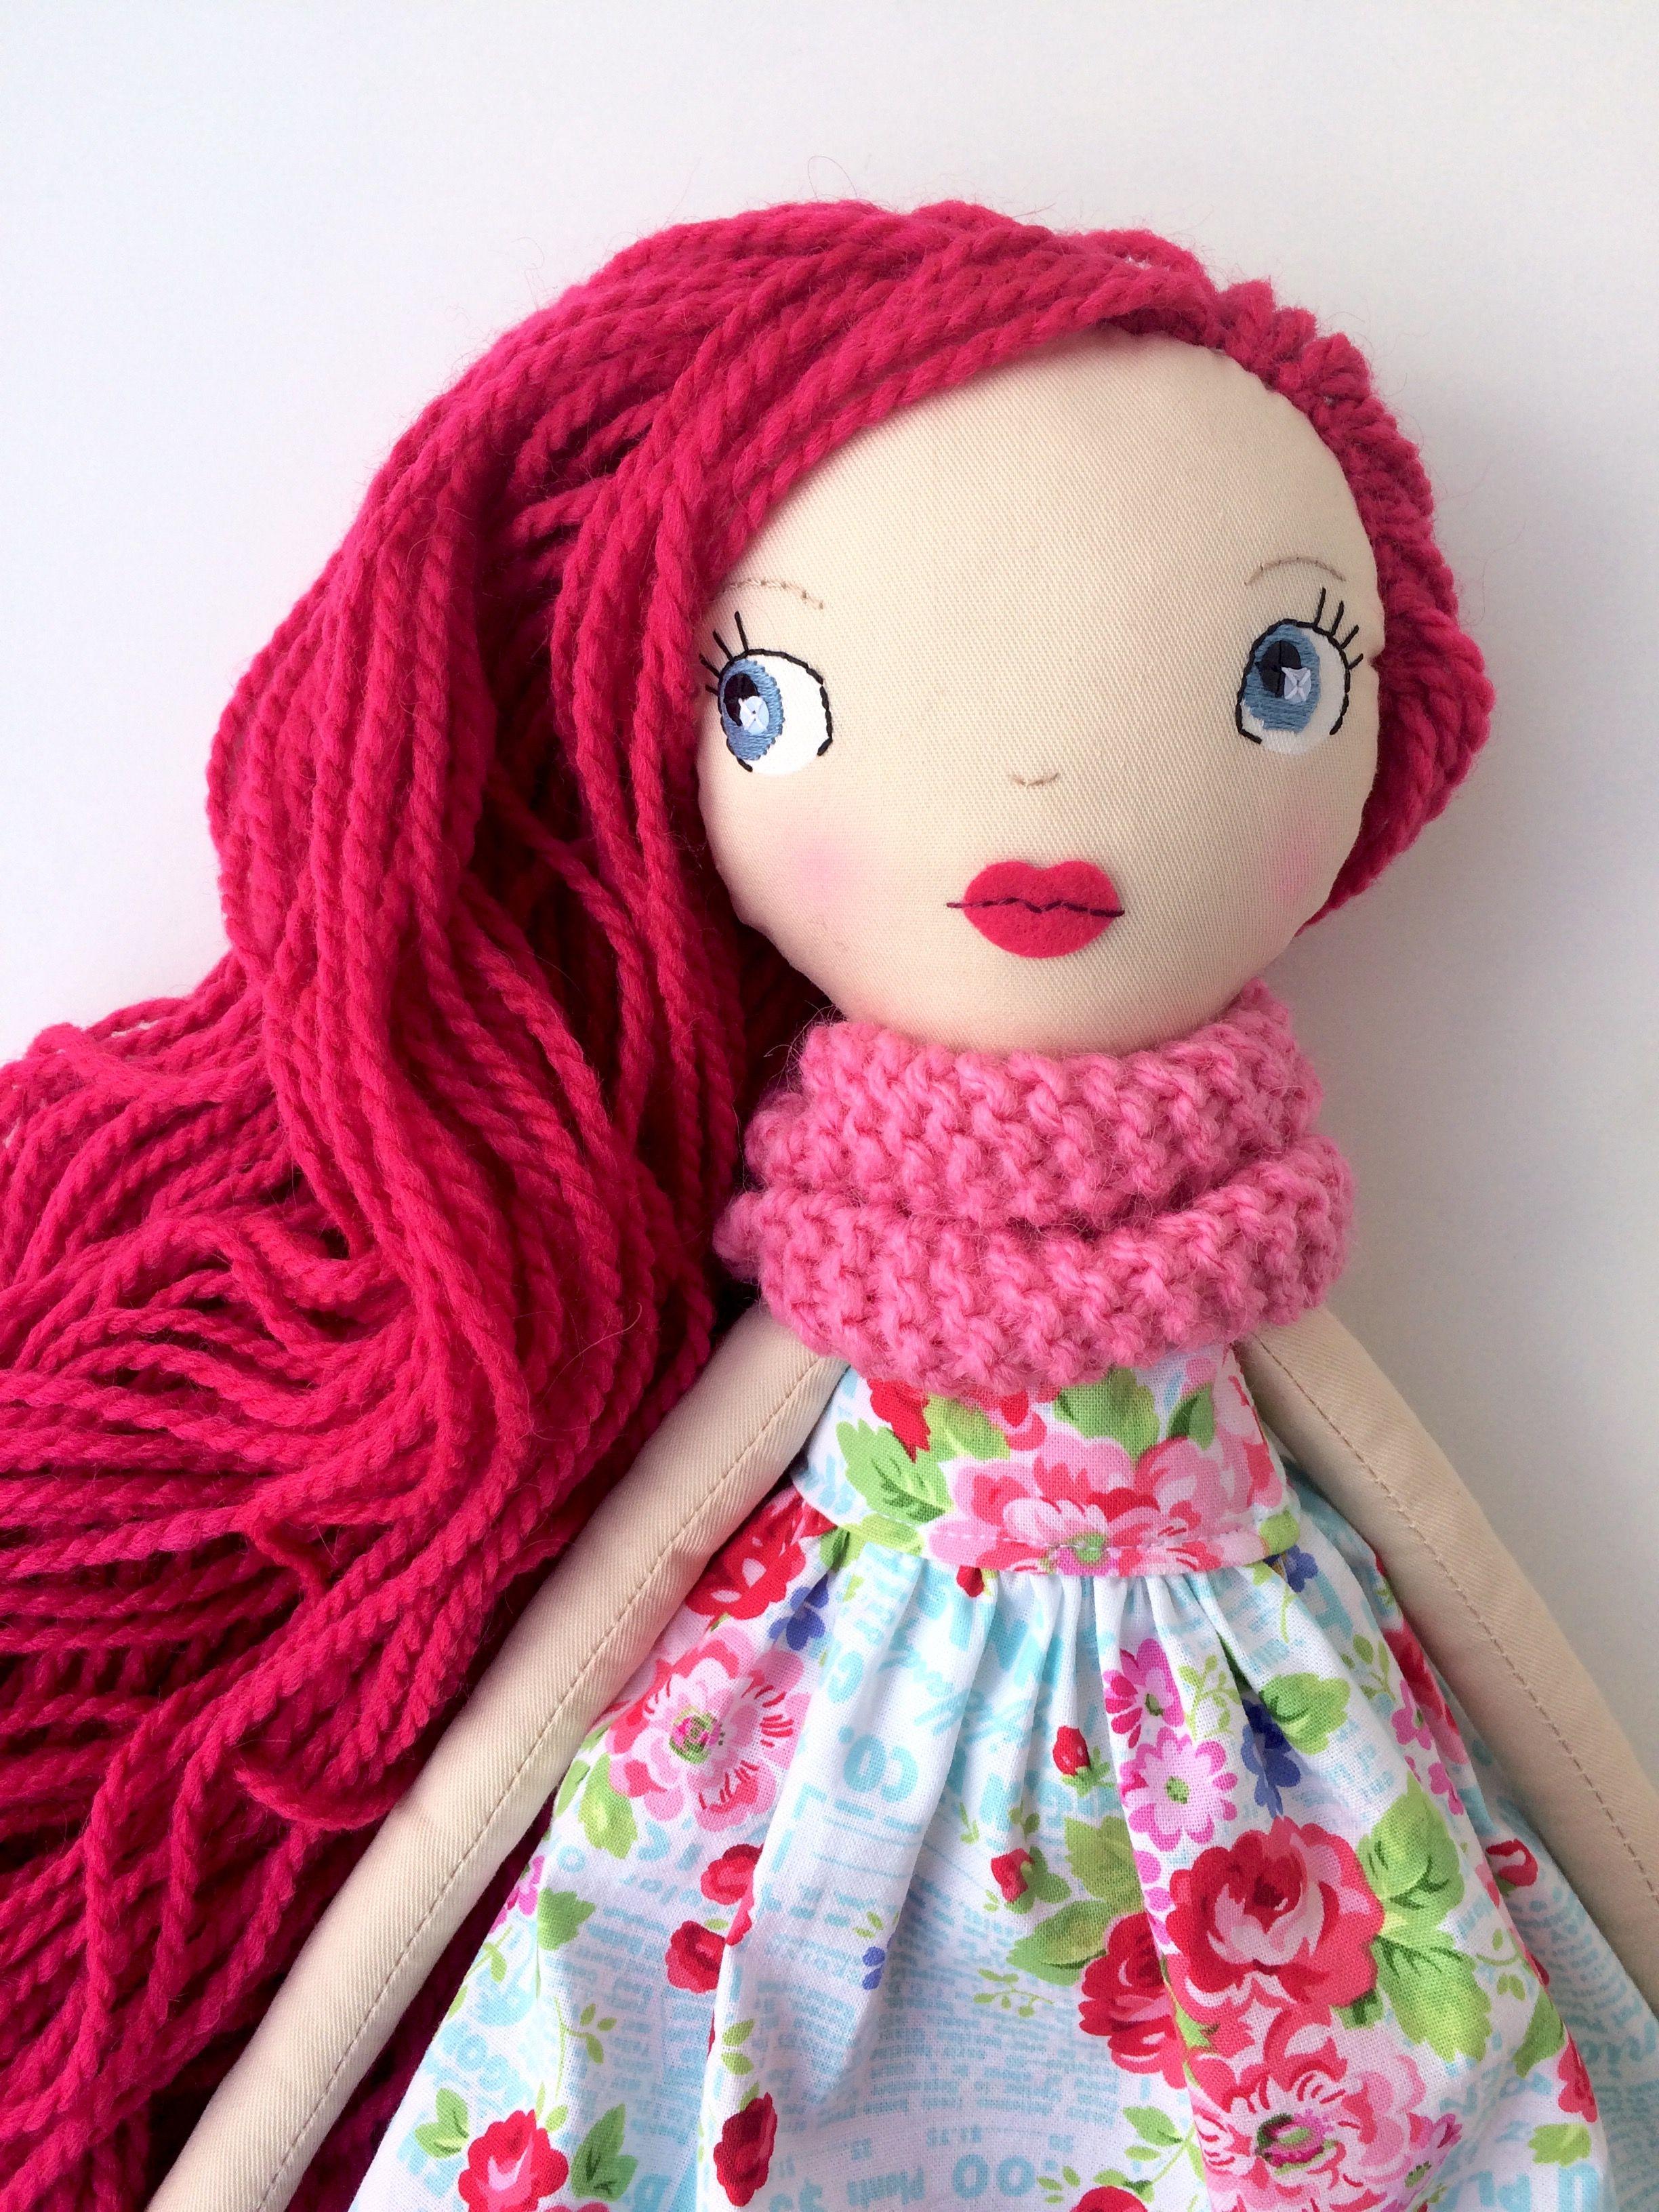 Pin von Sandra McCann auf Dolls | Pinterest | Puppen und Nähen